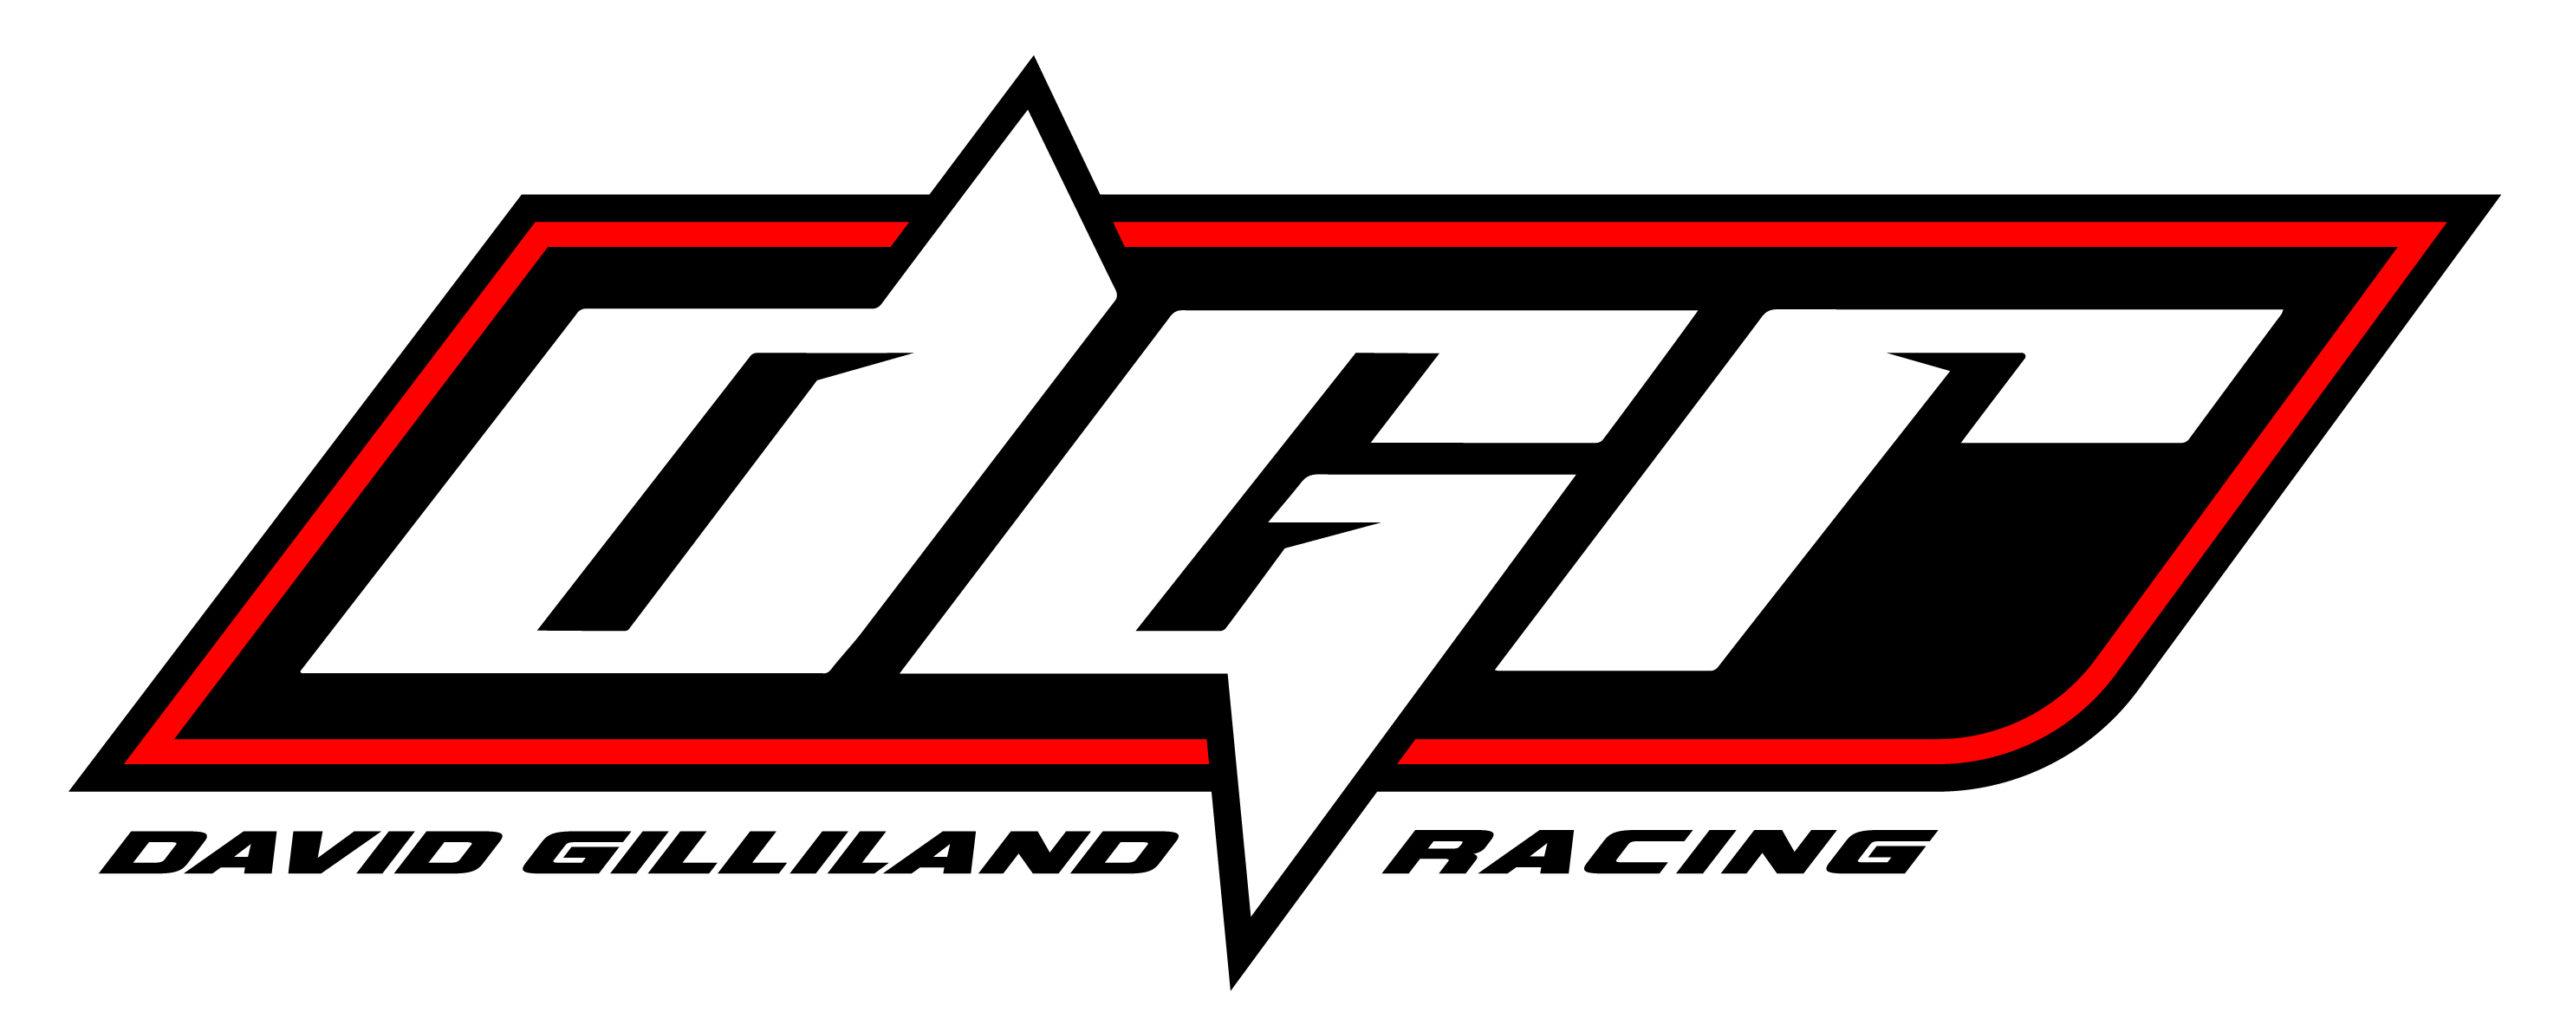 DGR-Logo-For-White-Background